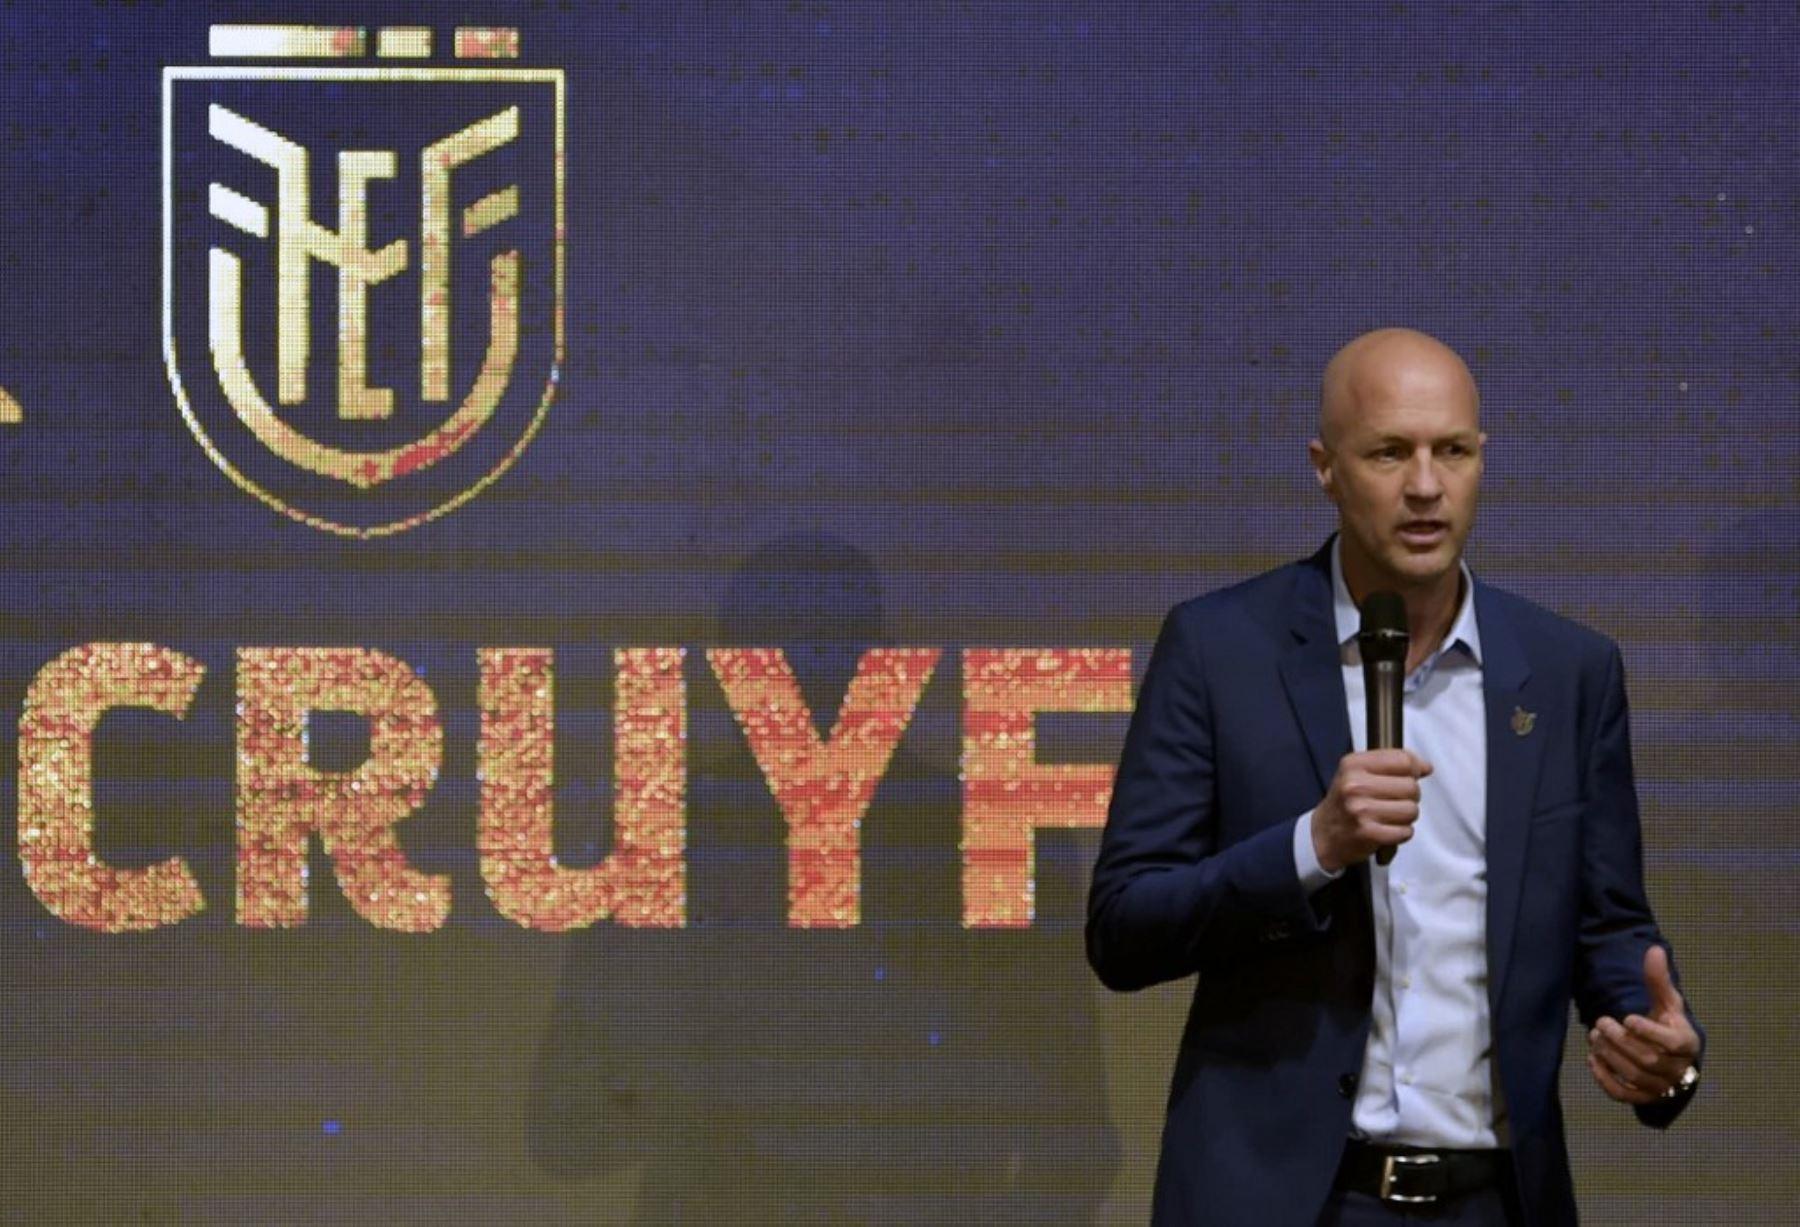 El holandés Jordi Cruyff, hijo del legendario Johan, fue presentado el lunes en Quito como nuevo entrenador de la selección de Ecuador